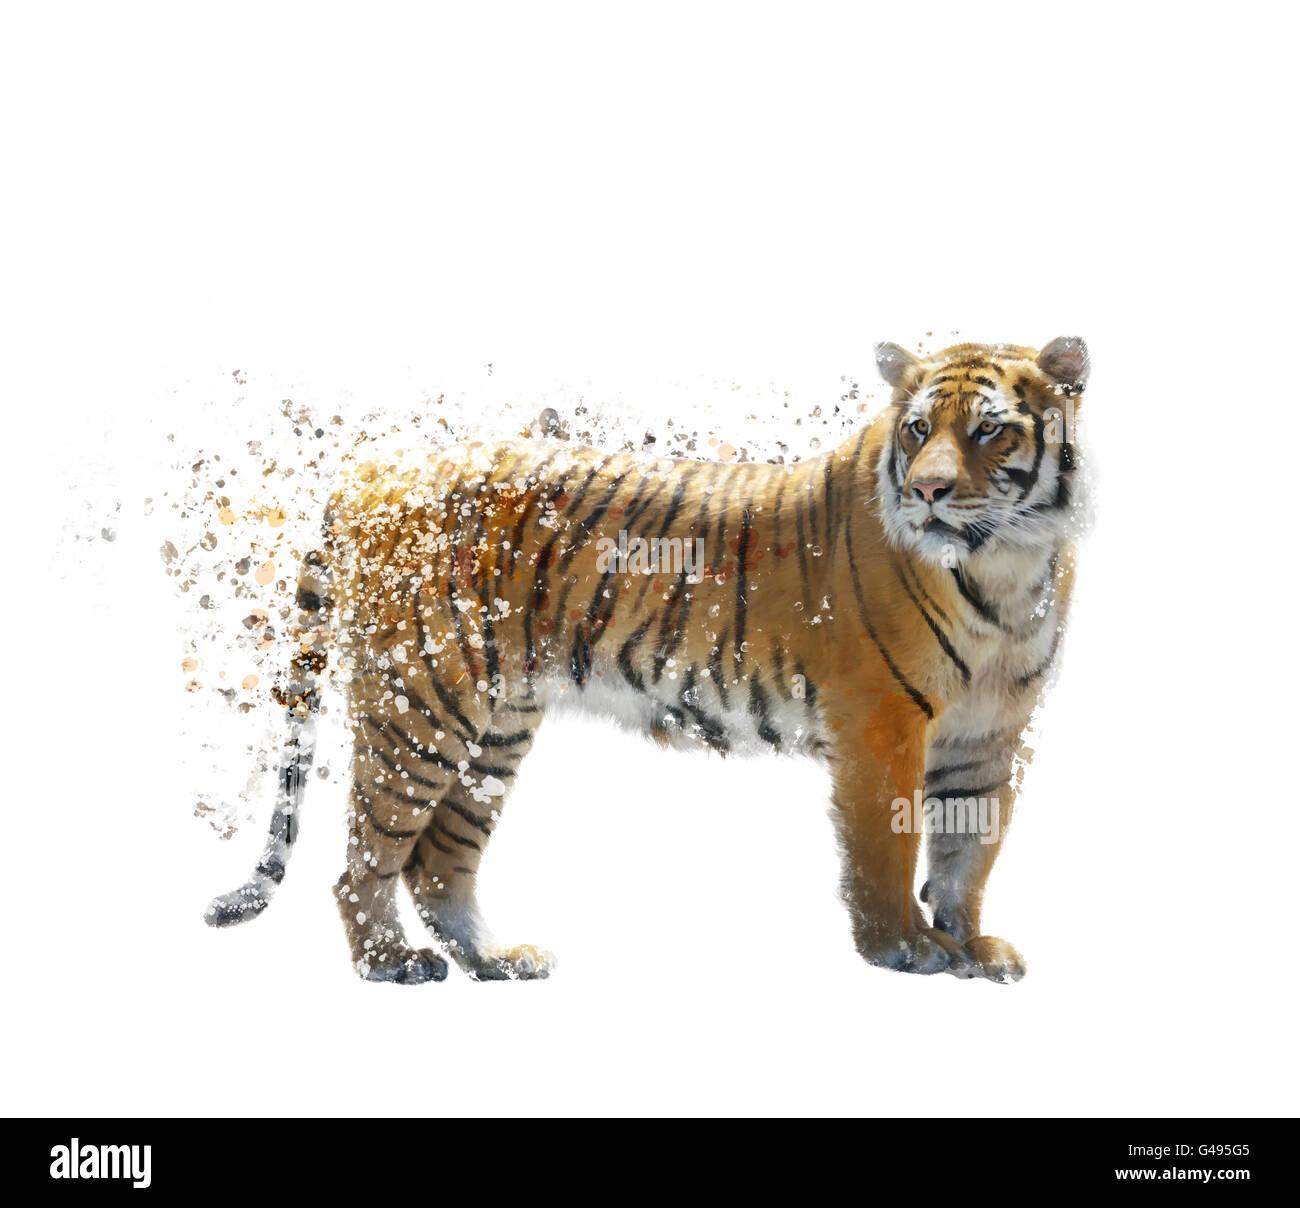 Pintura digital de tigre sobre fondo blanco. Imagen De Stock